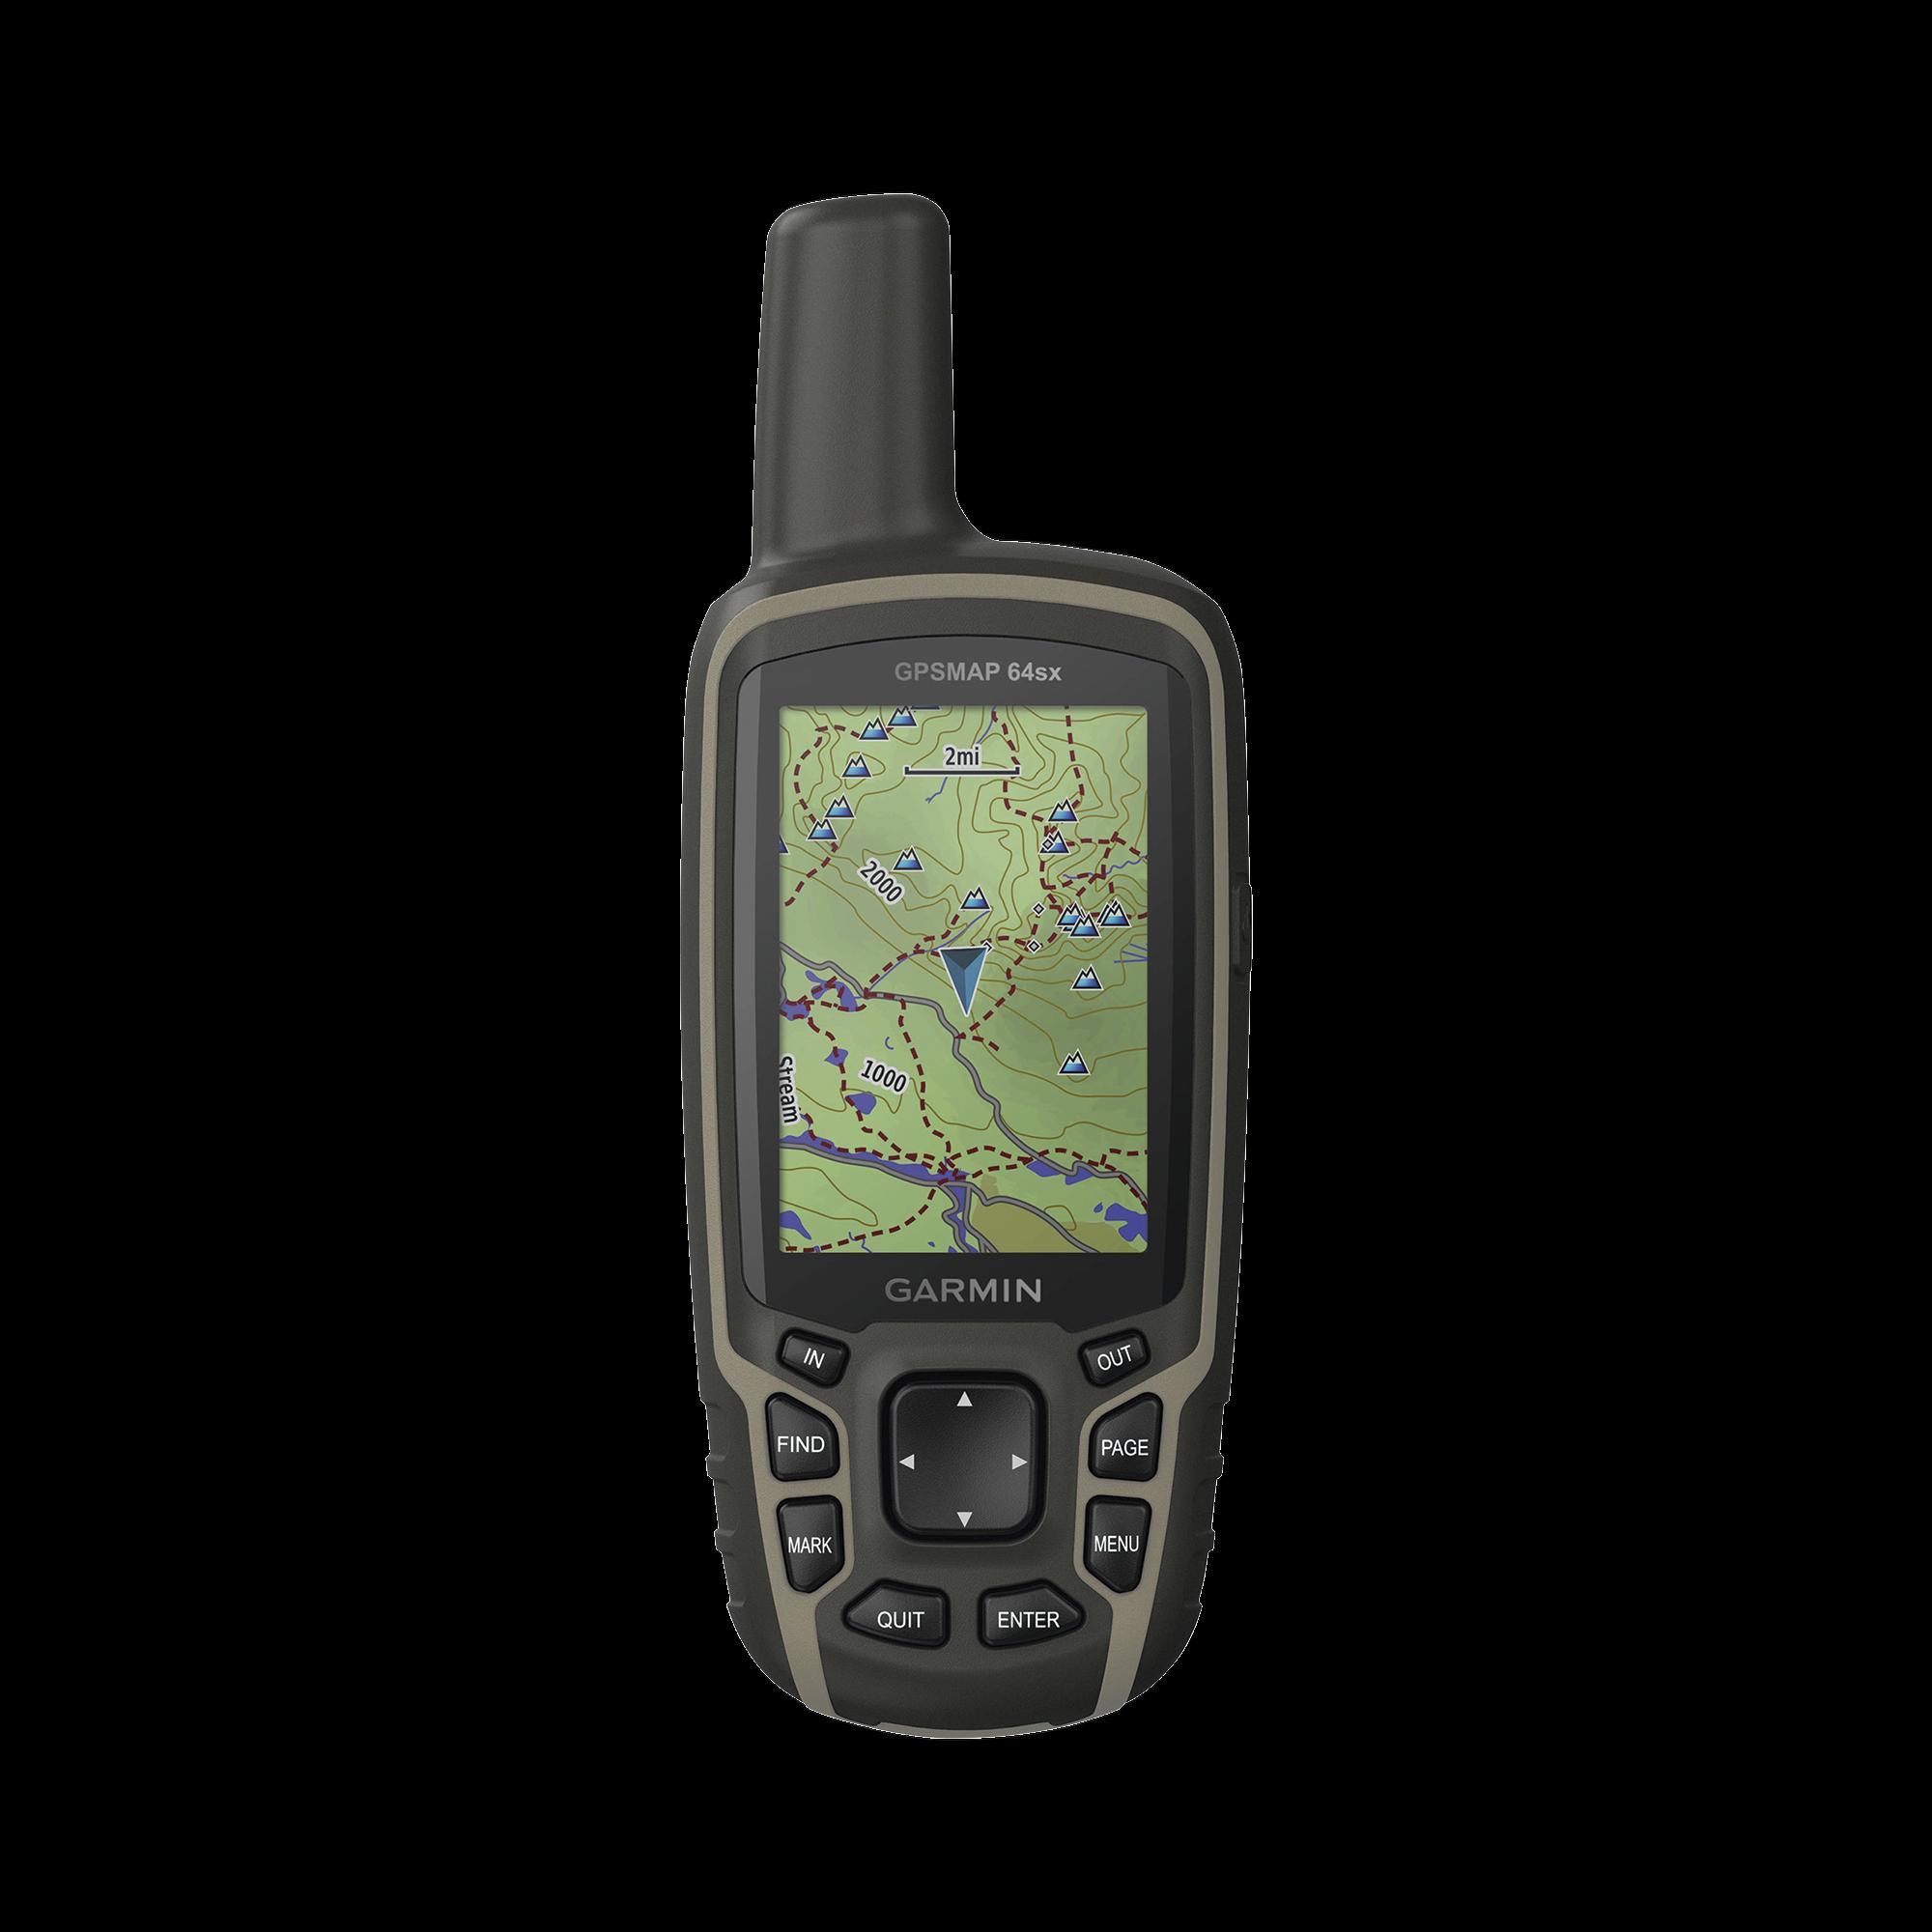 GPS portátil GPSMAP 64SX, cuenta con sensores de navegación, altímetro, brújula y cálculo de áreas.